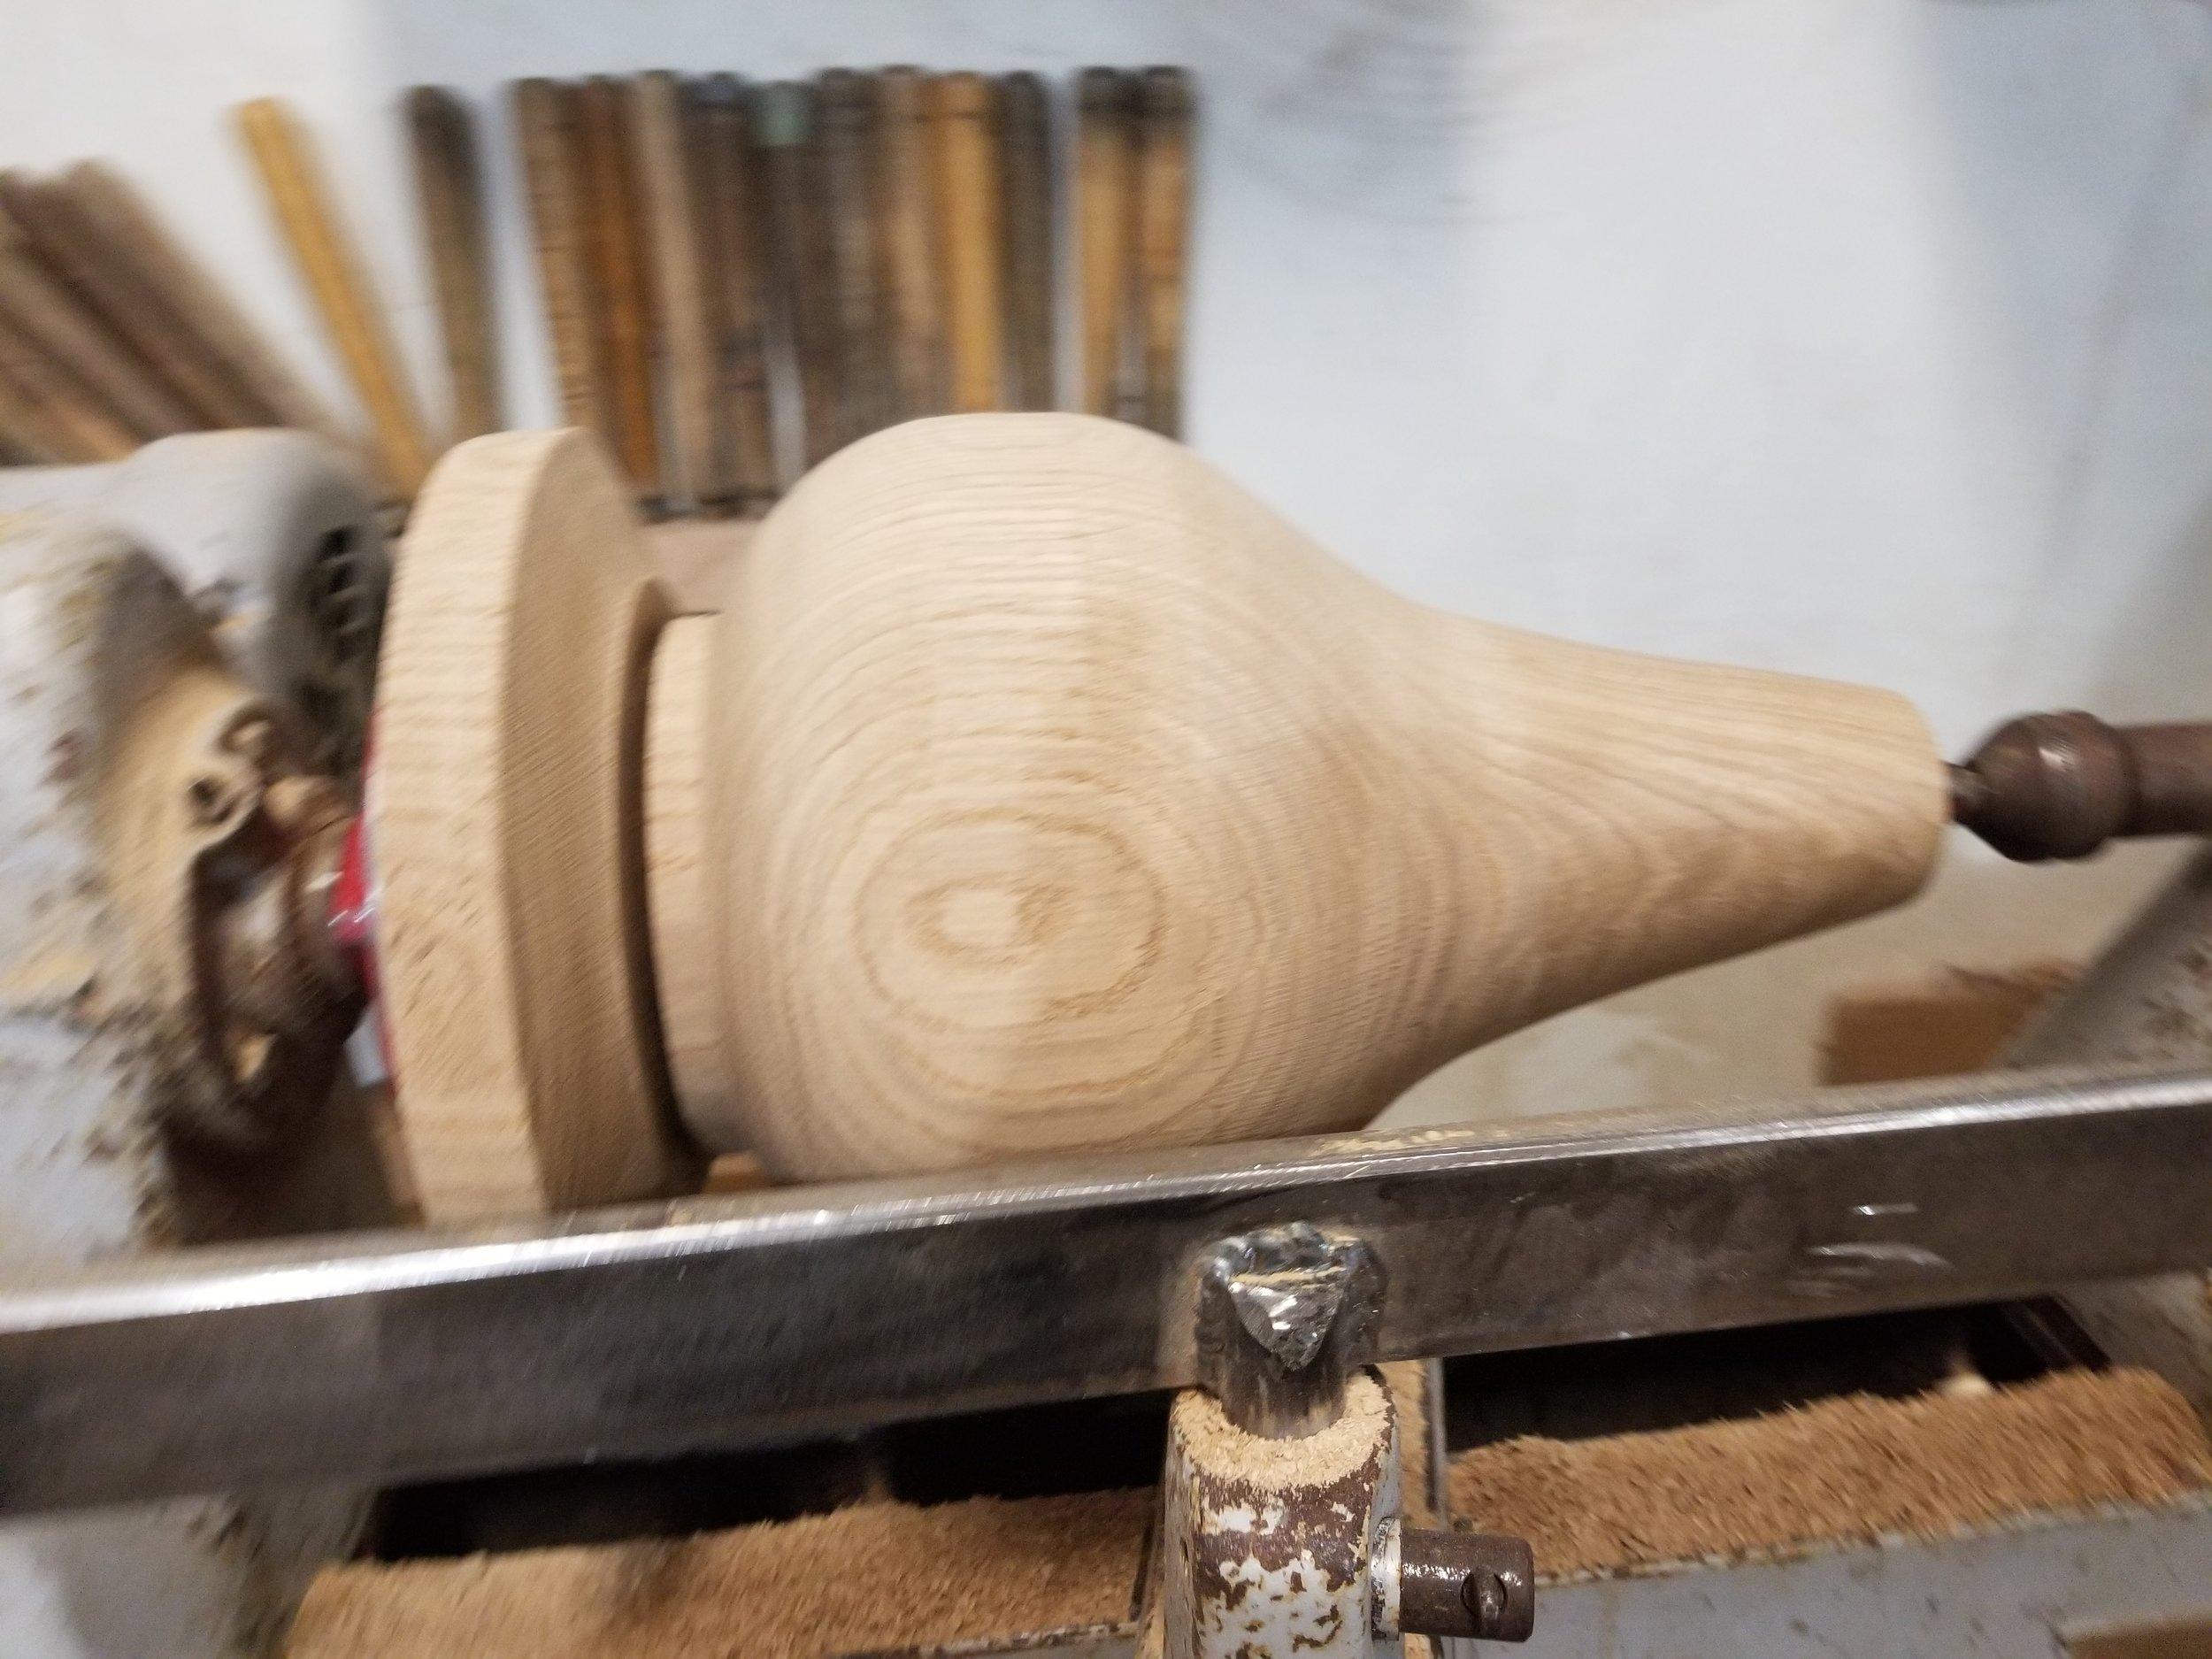 Unfinished Pedestal Table Leg